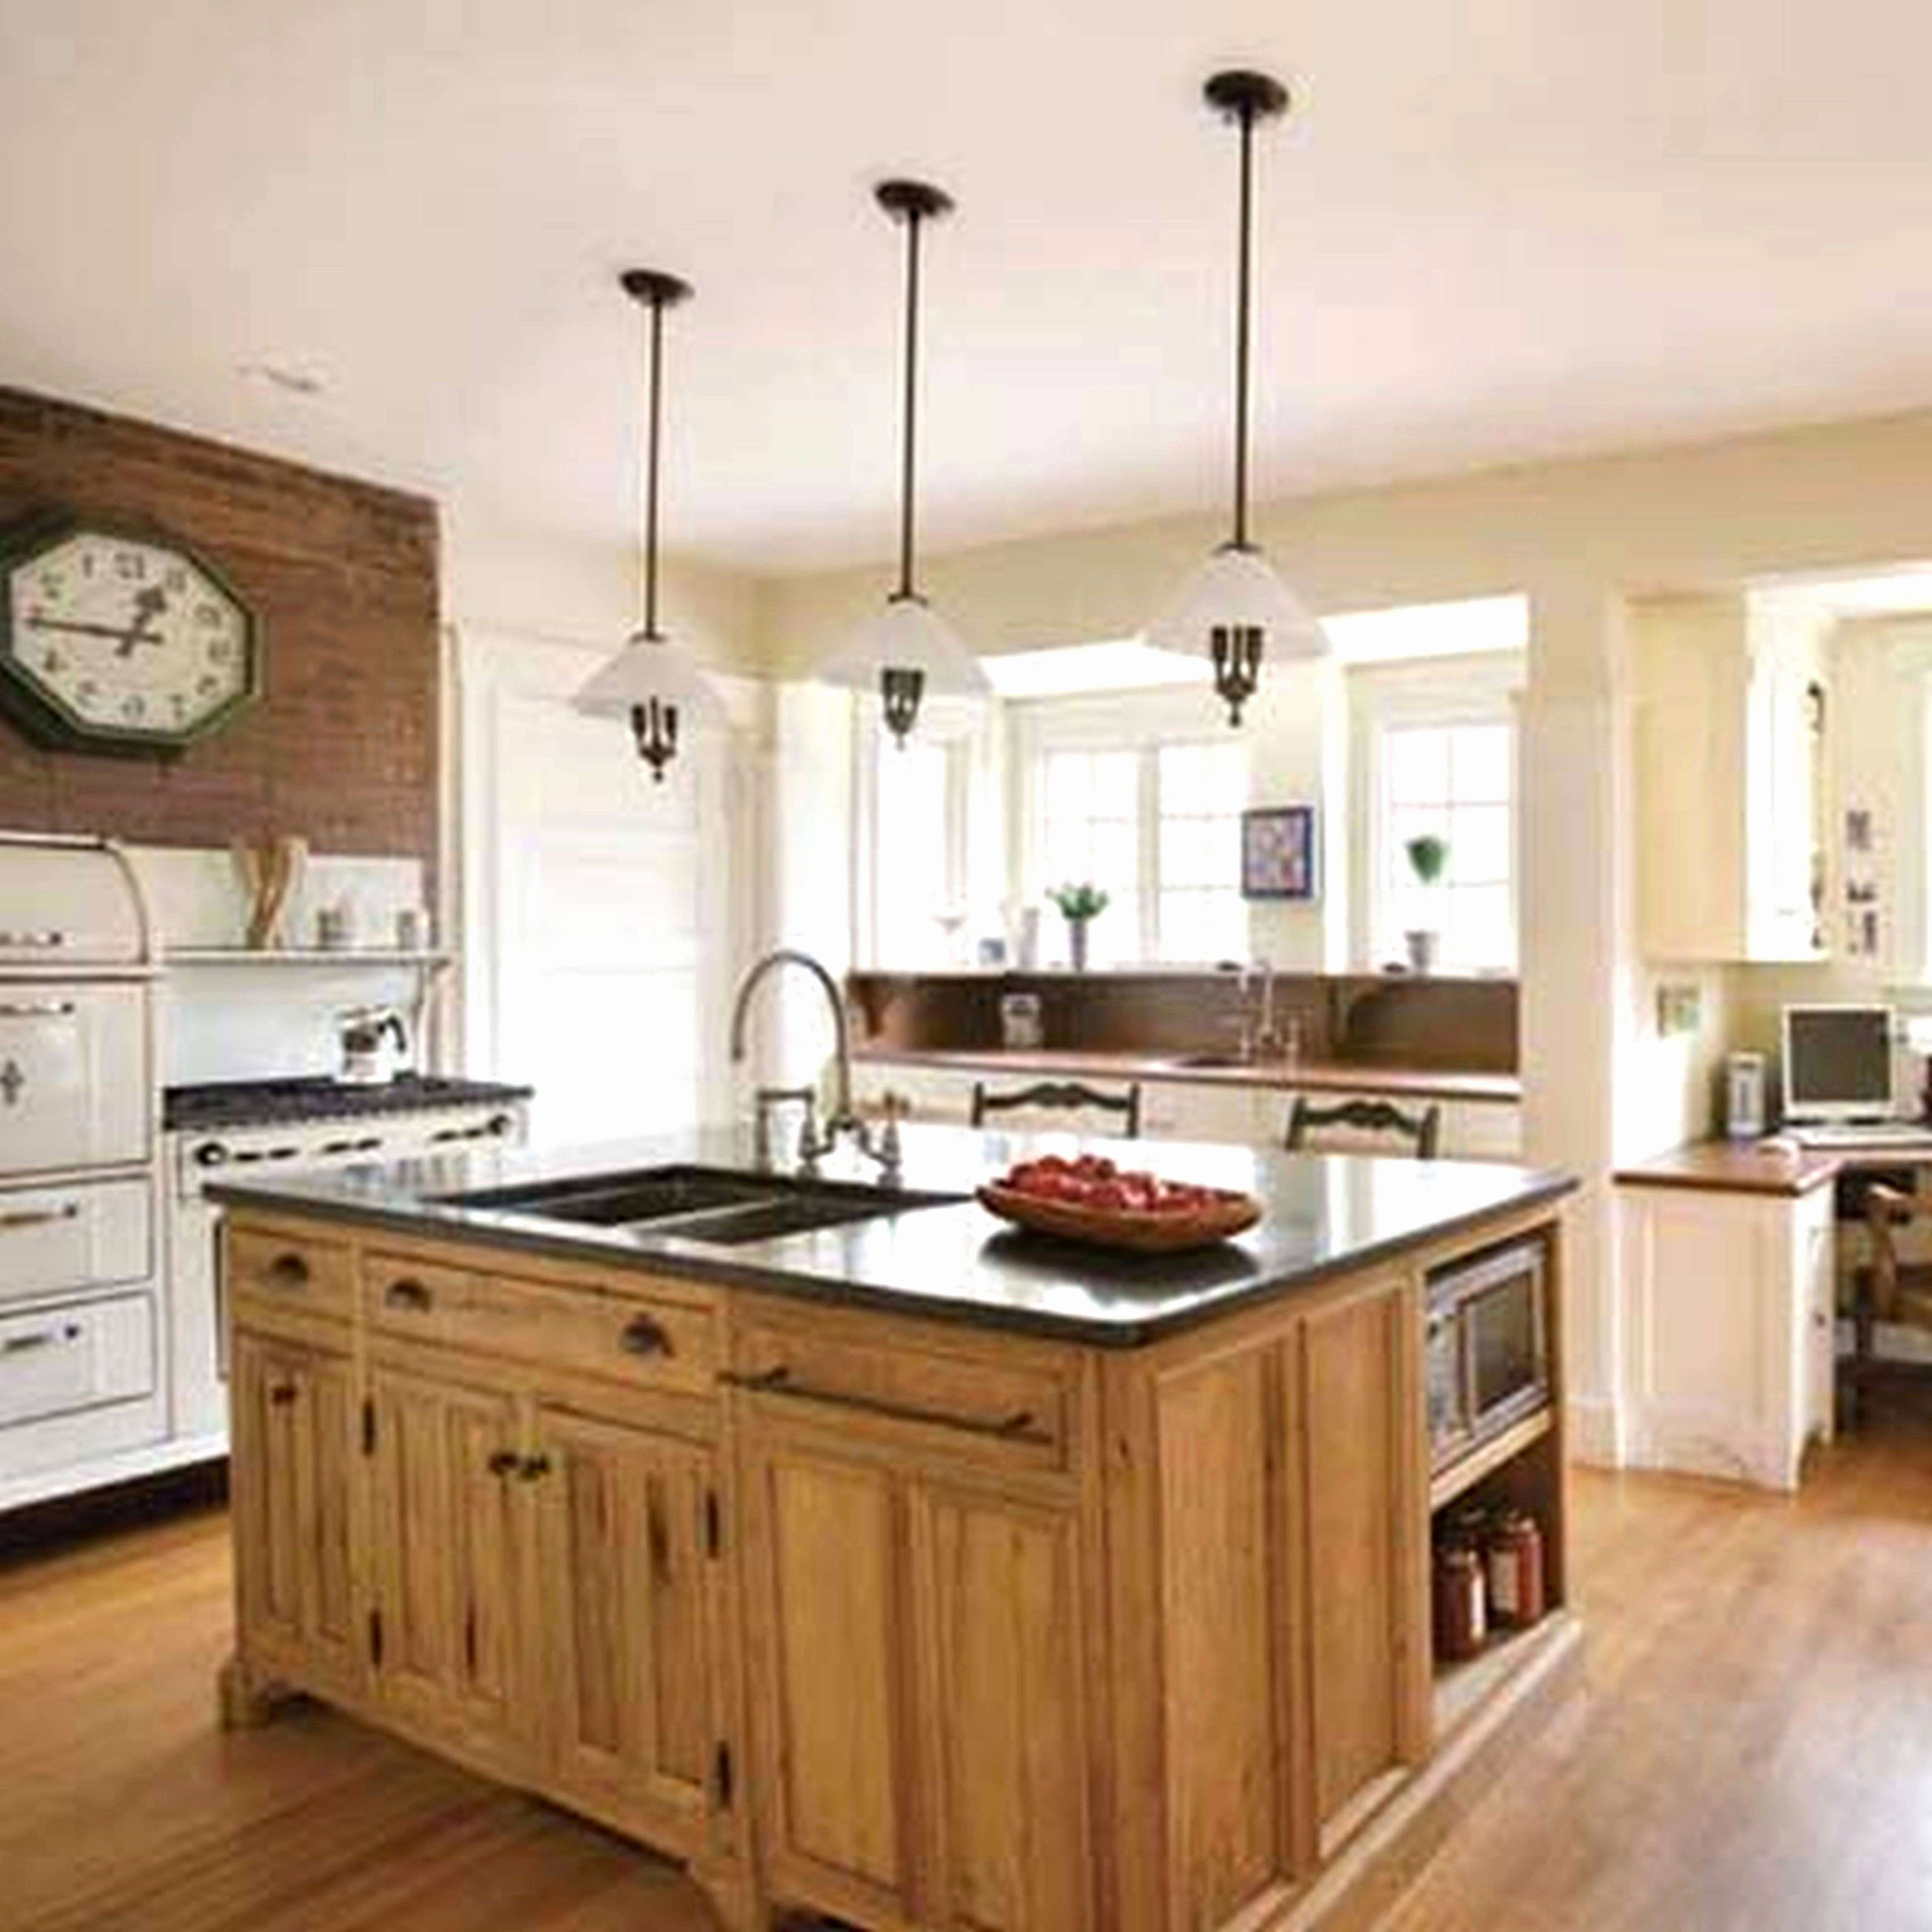 Stylish Kitchen Refurbish  June, 2018